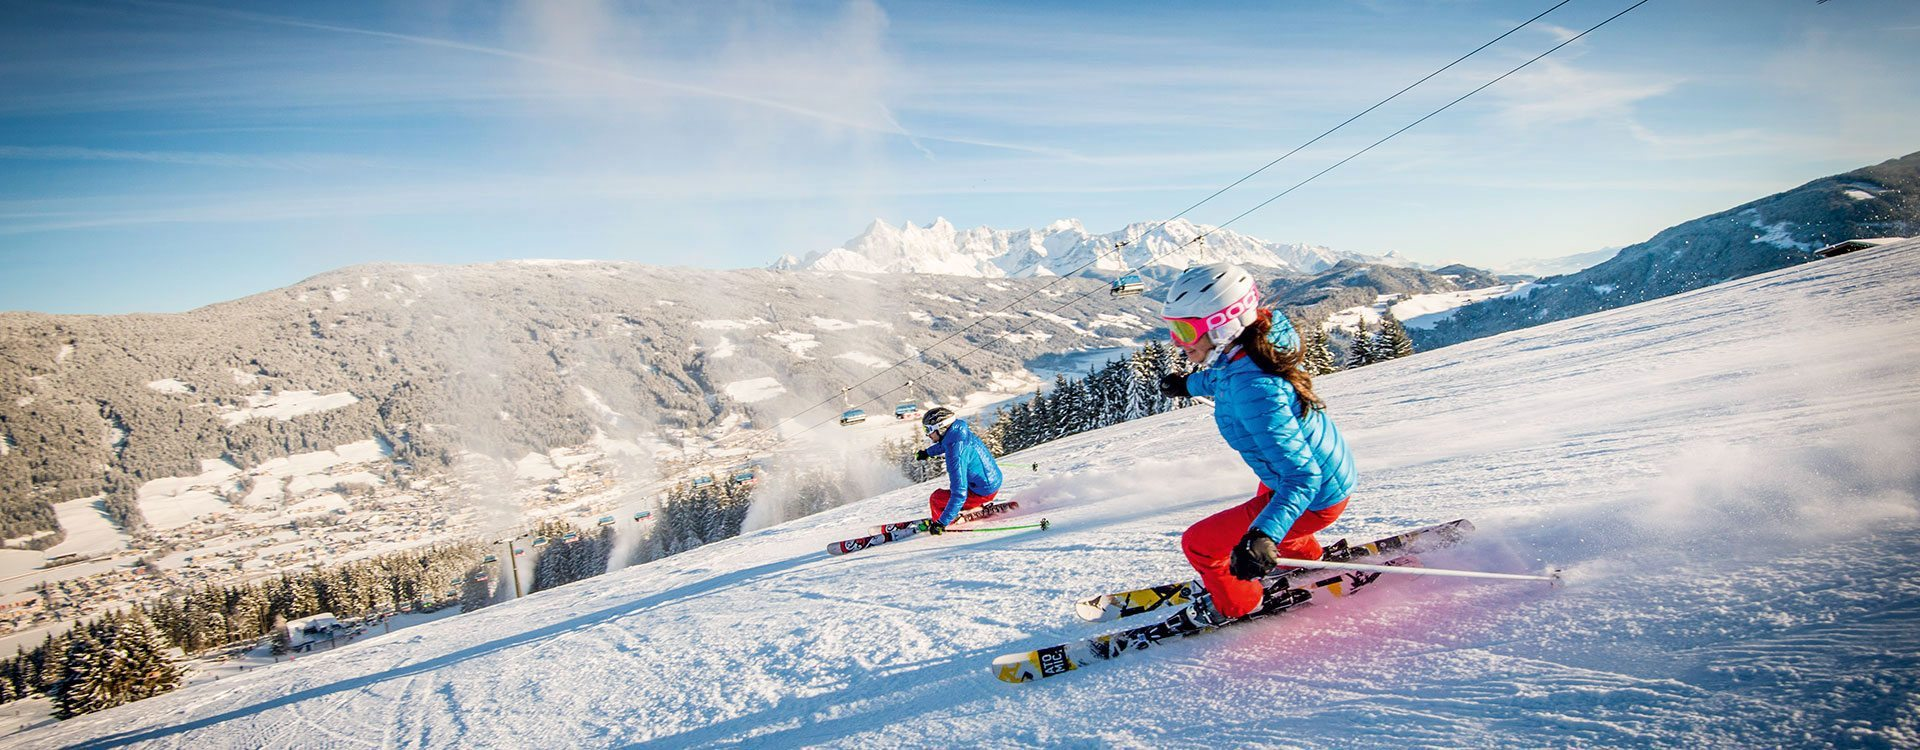 skifahren in radstadt skiurlaub im skiverbund ski amad. Black Bedroom Furniture Sets. Home Design Ideas